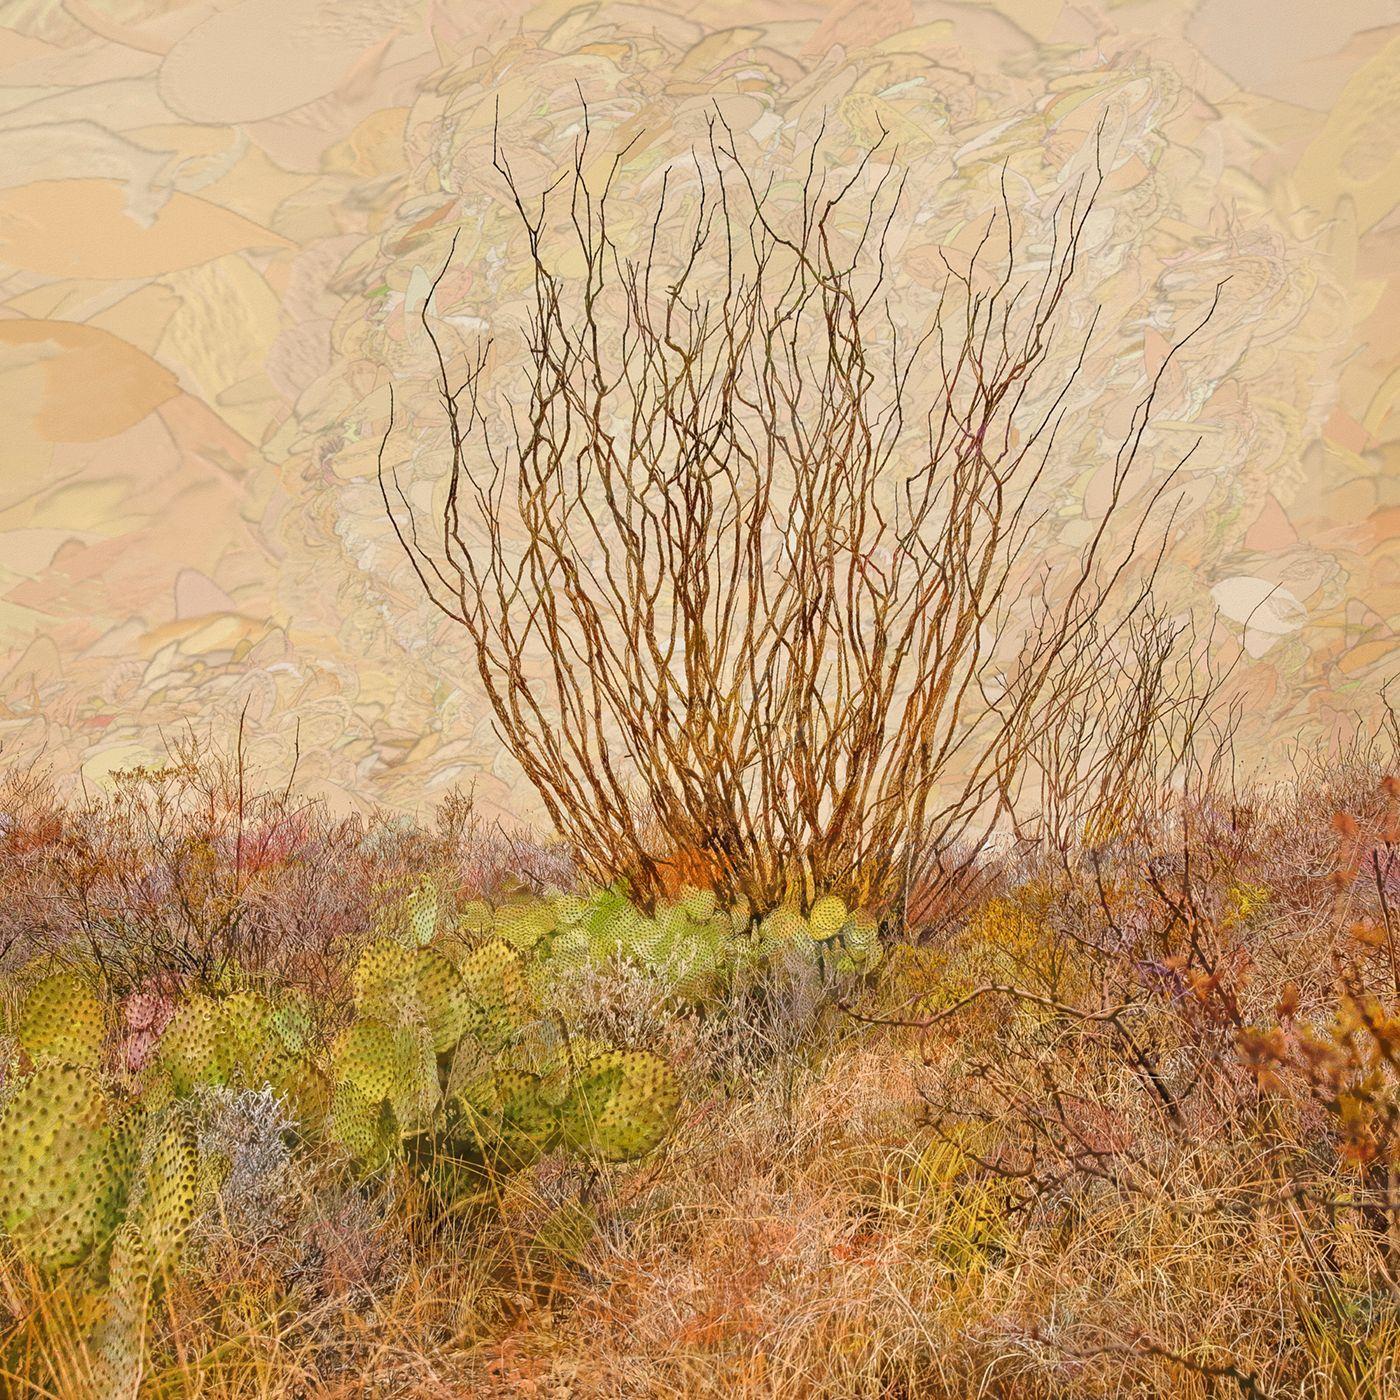 Ocotillo - Desert plant, cacti & dry brush, tan Southwestern American landscape